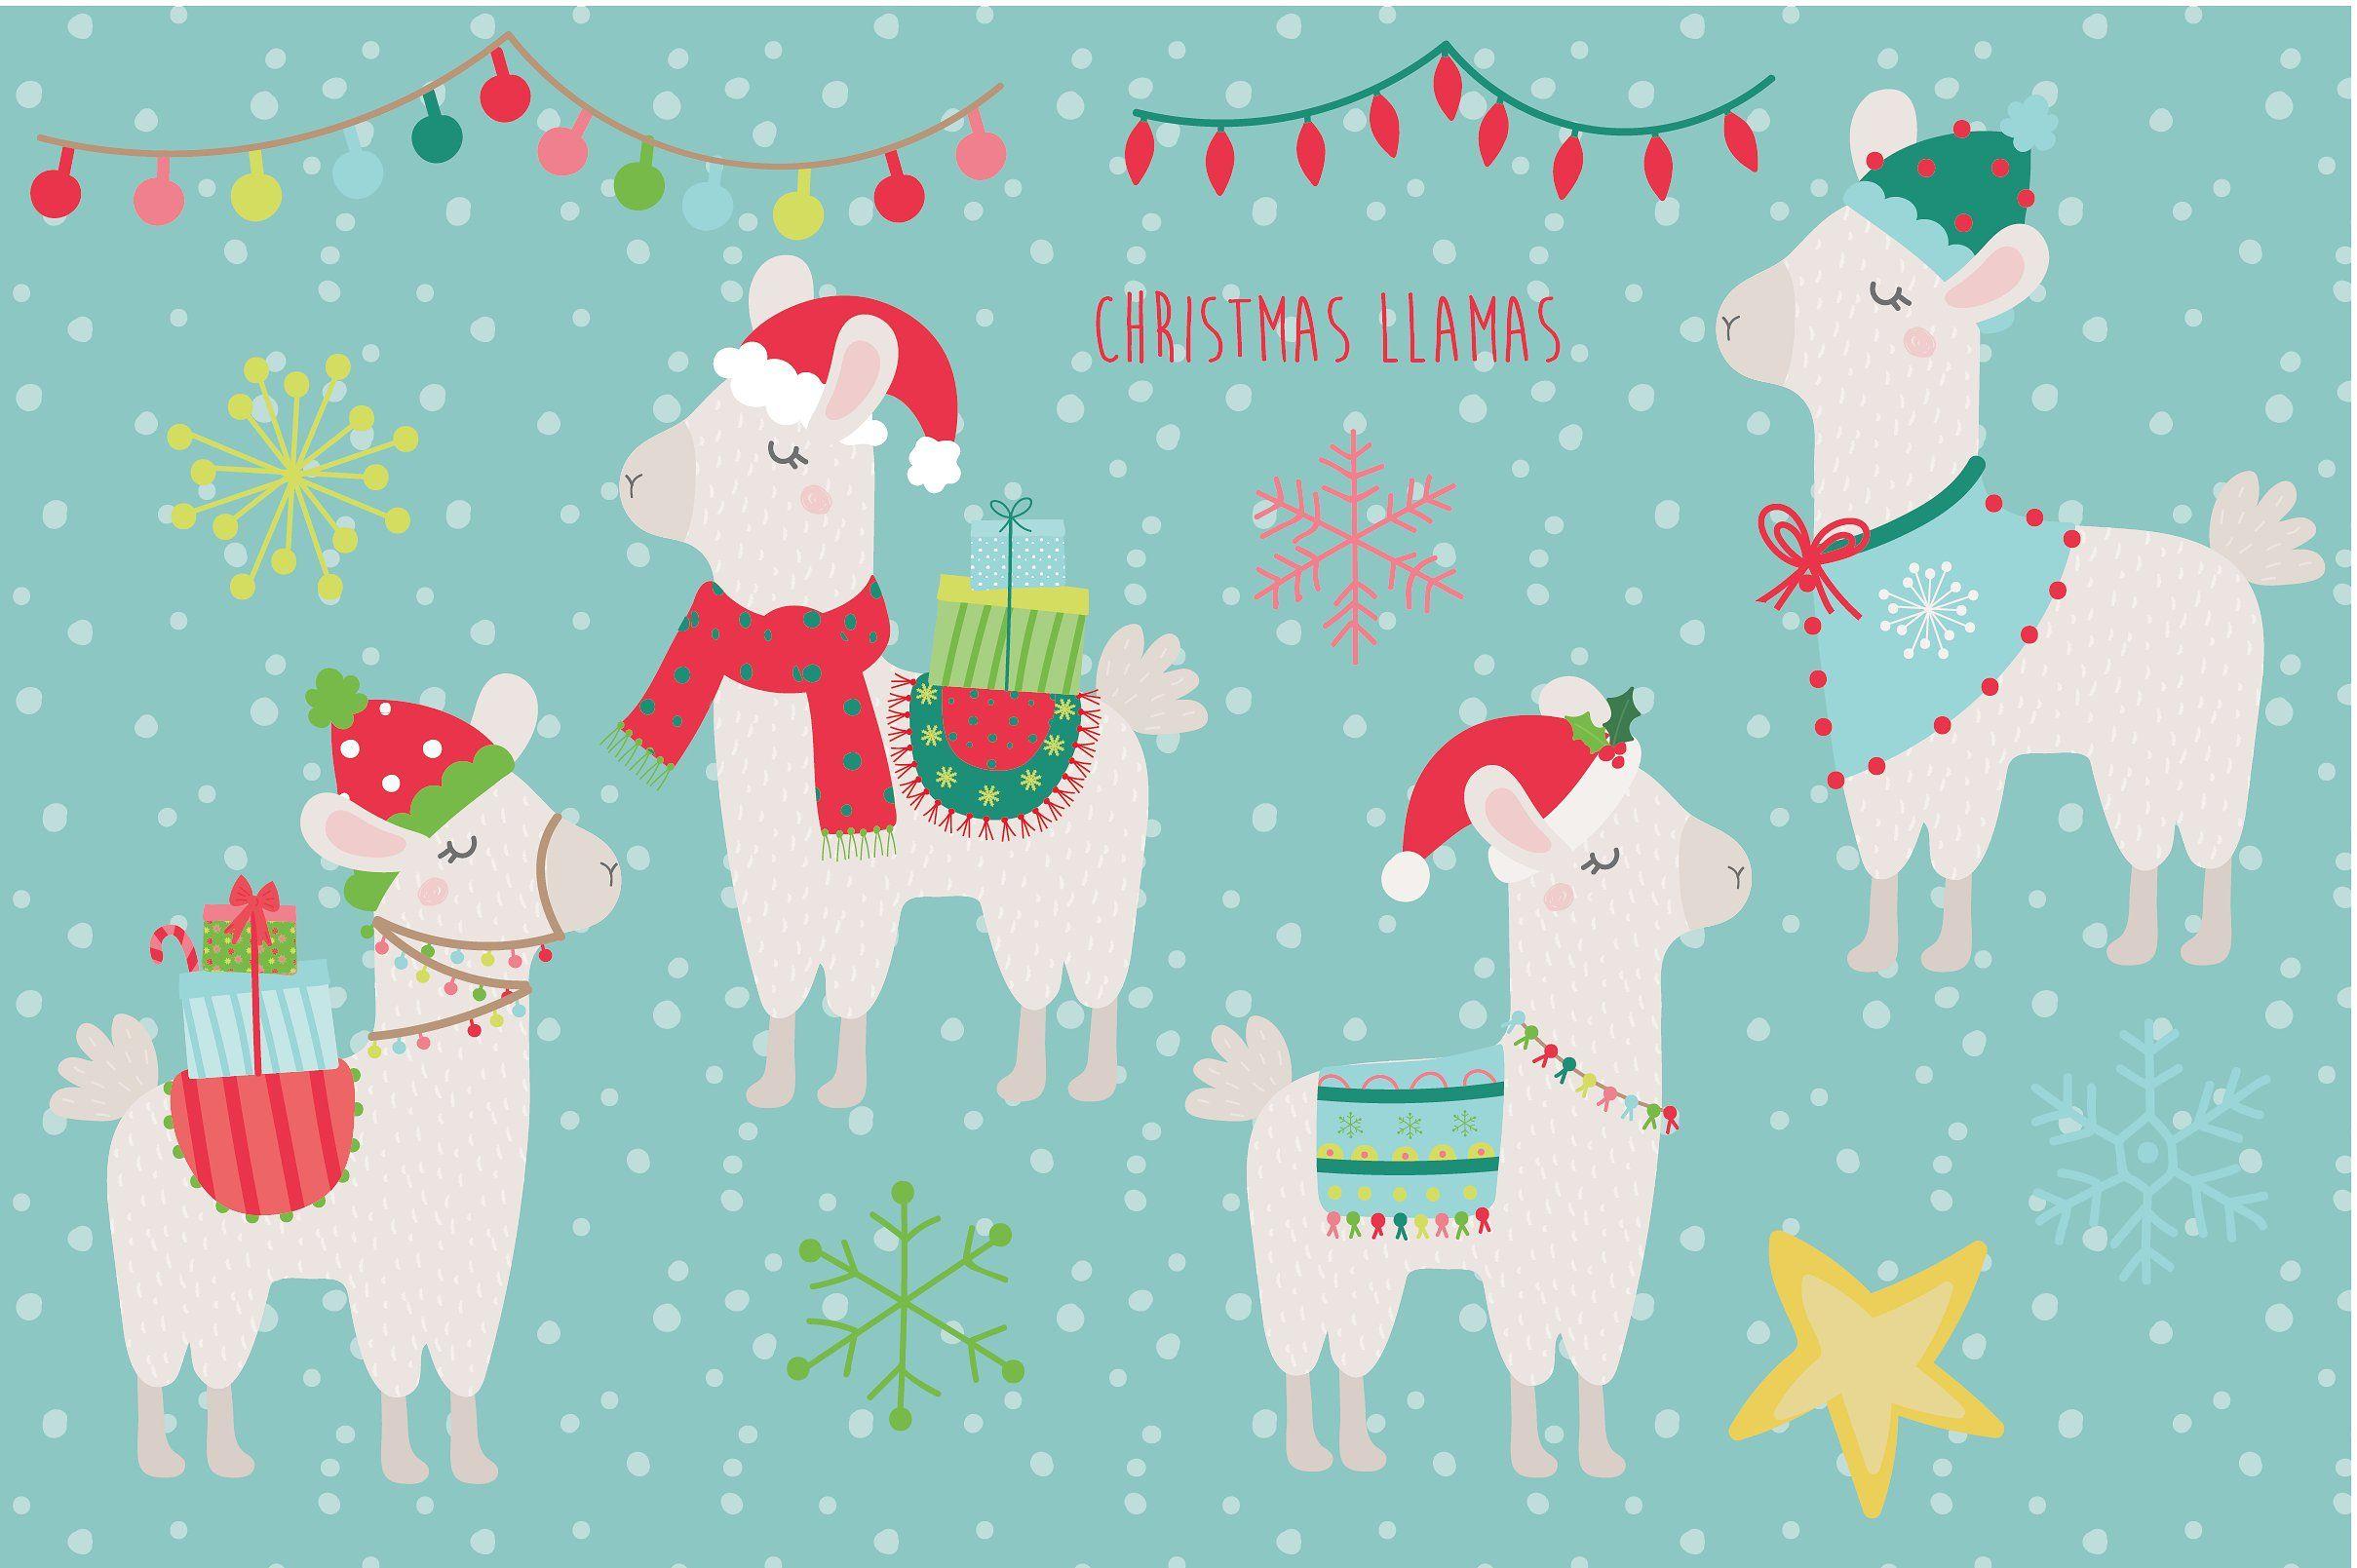 Christmas Llamas Llama Christmas Christmas Illustration Llama